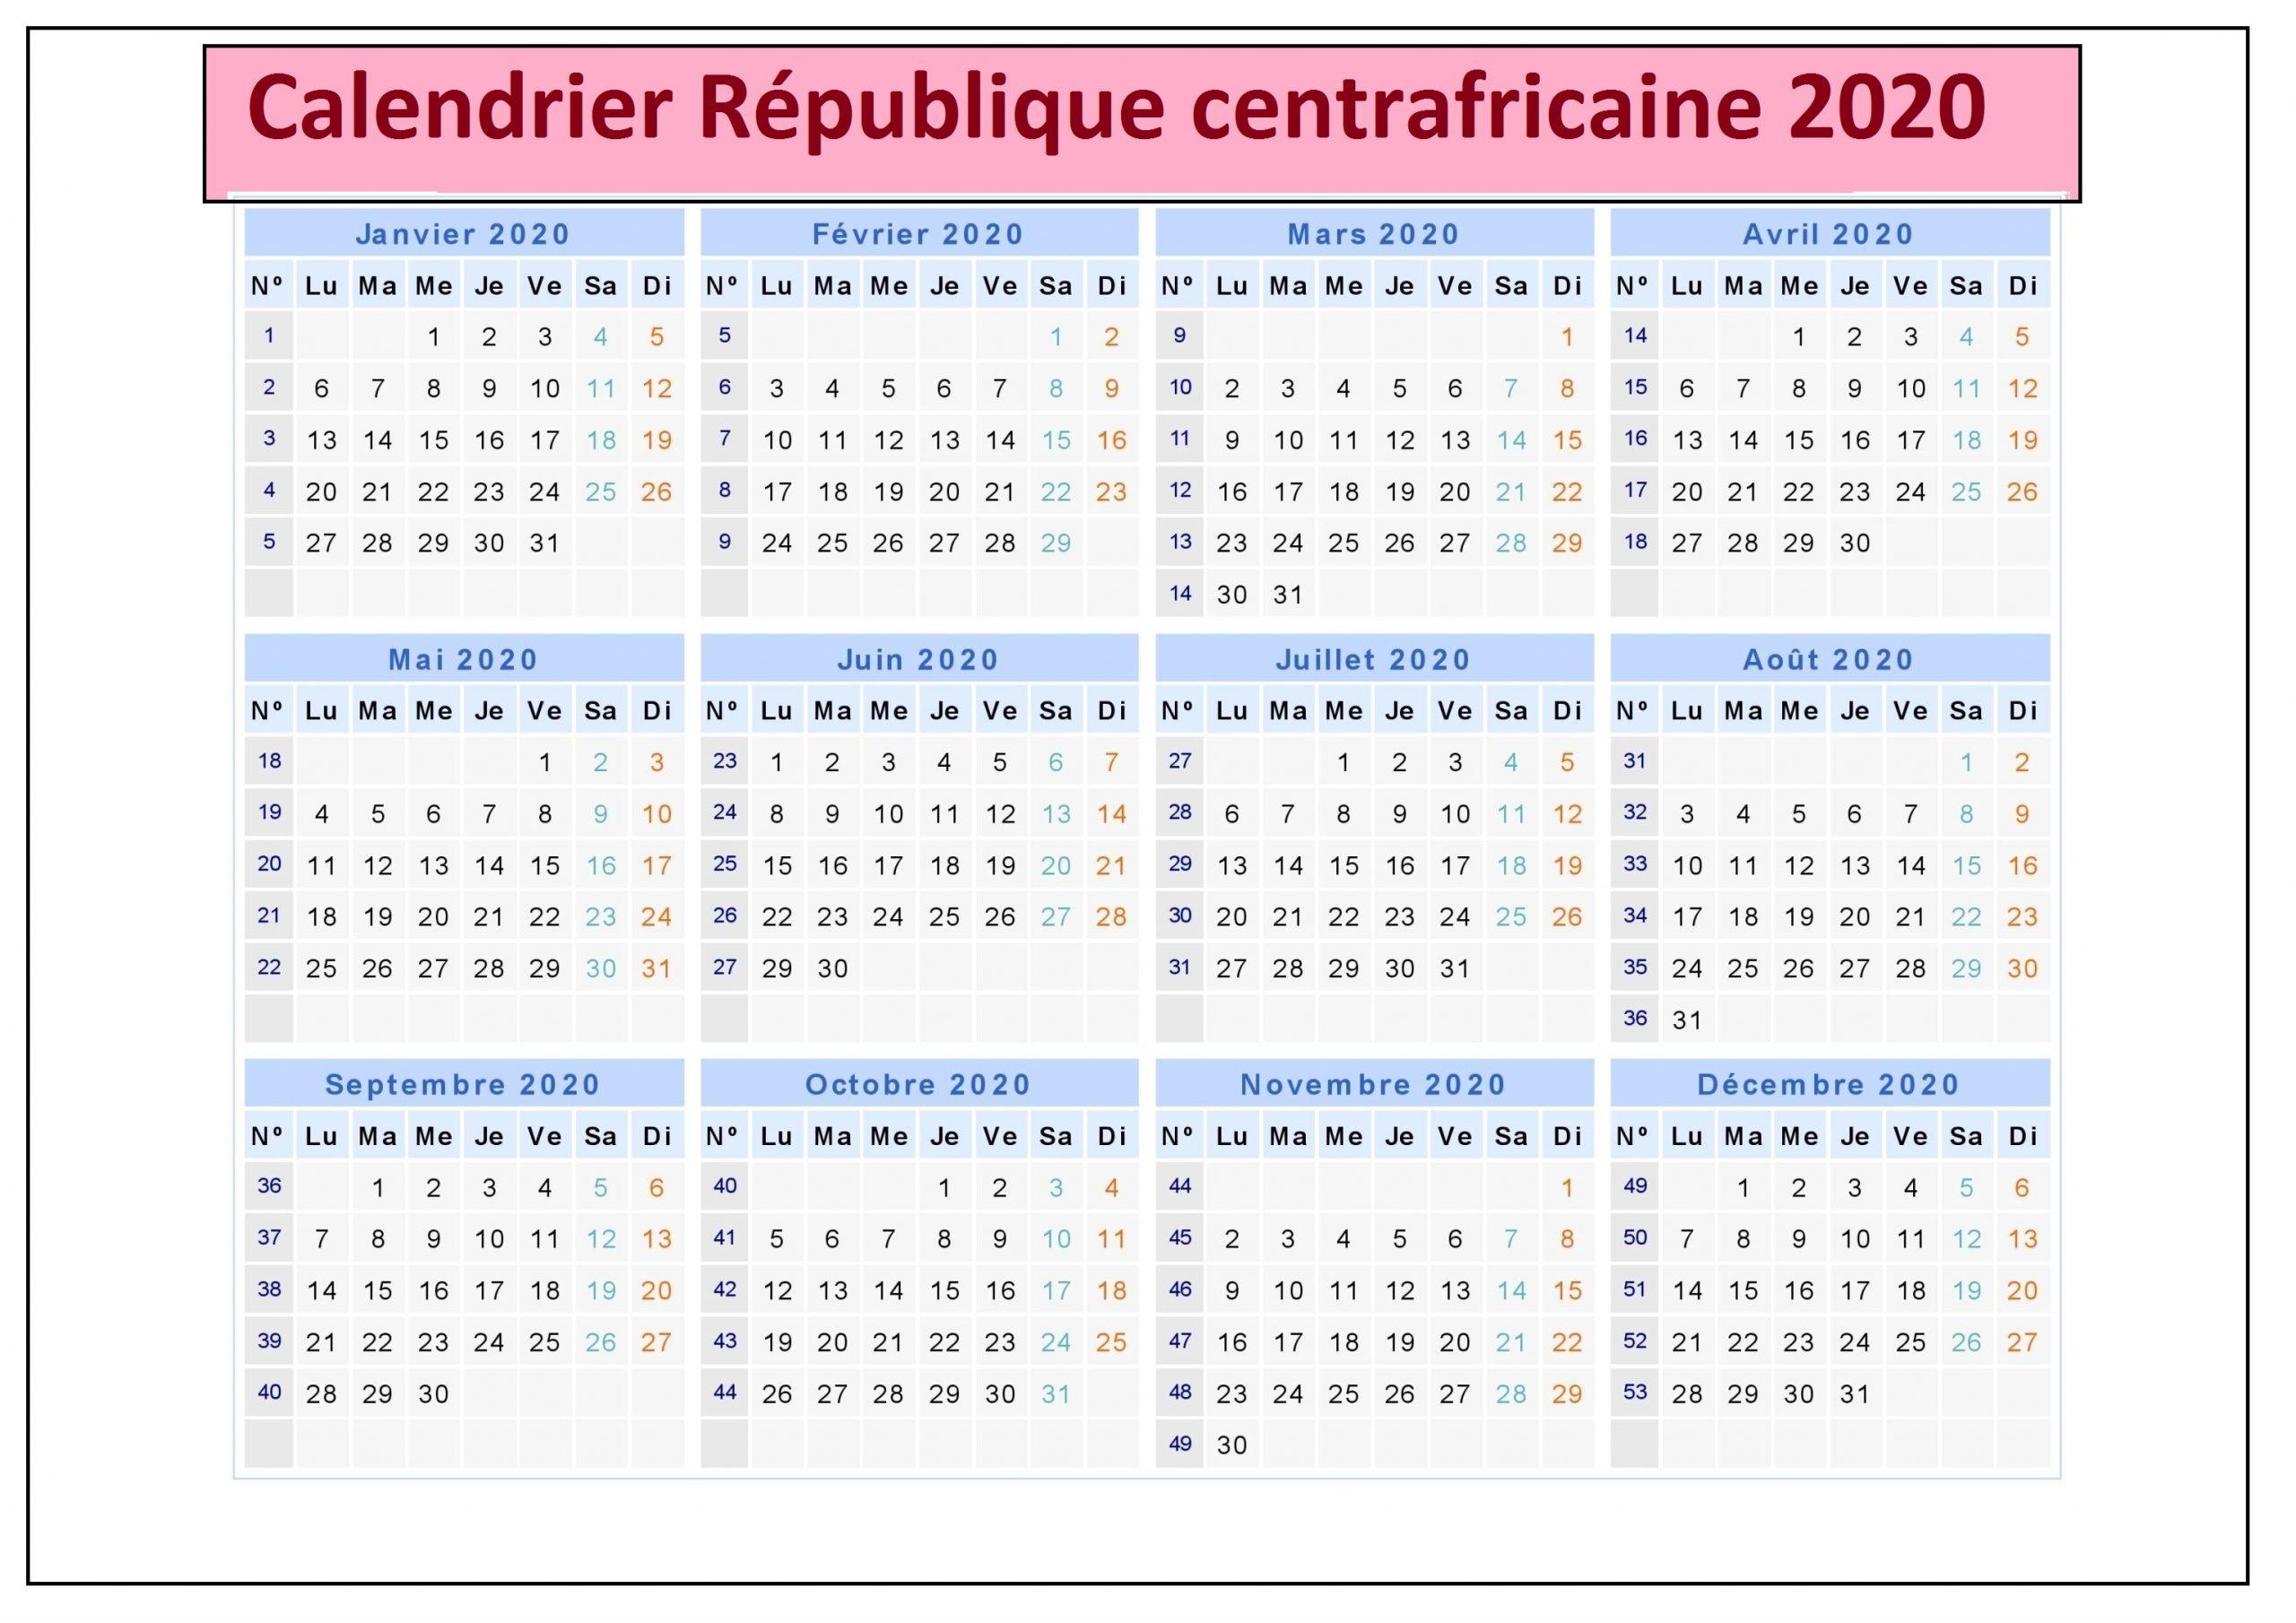 Calendrier de la République centrafricaine 2020